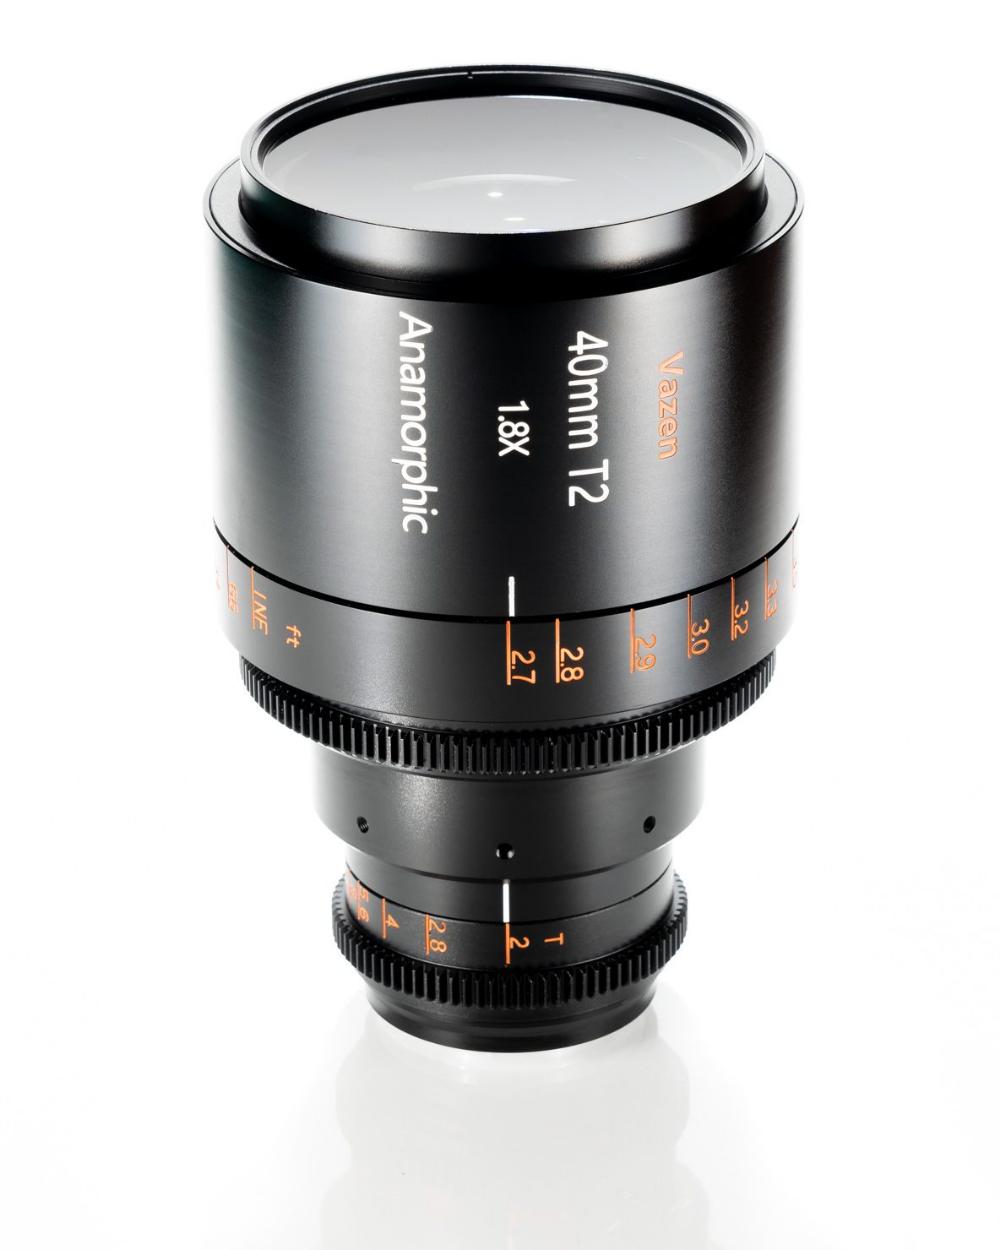 Vz Vazen 40mm T 2 1 8x Anamorphic Lens Vz Lens